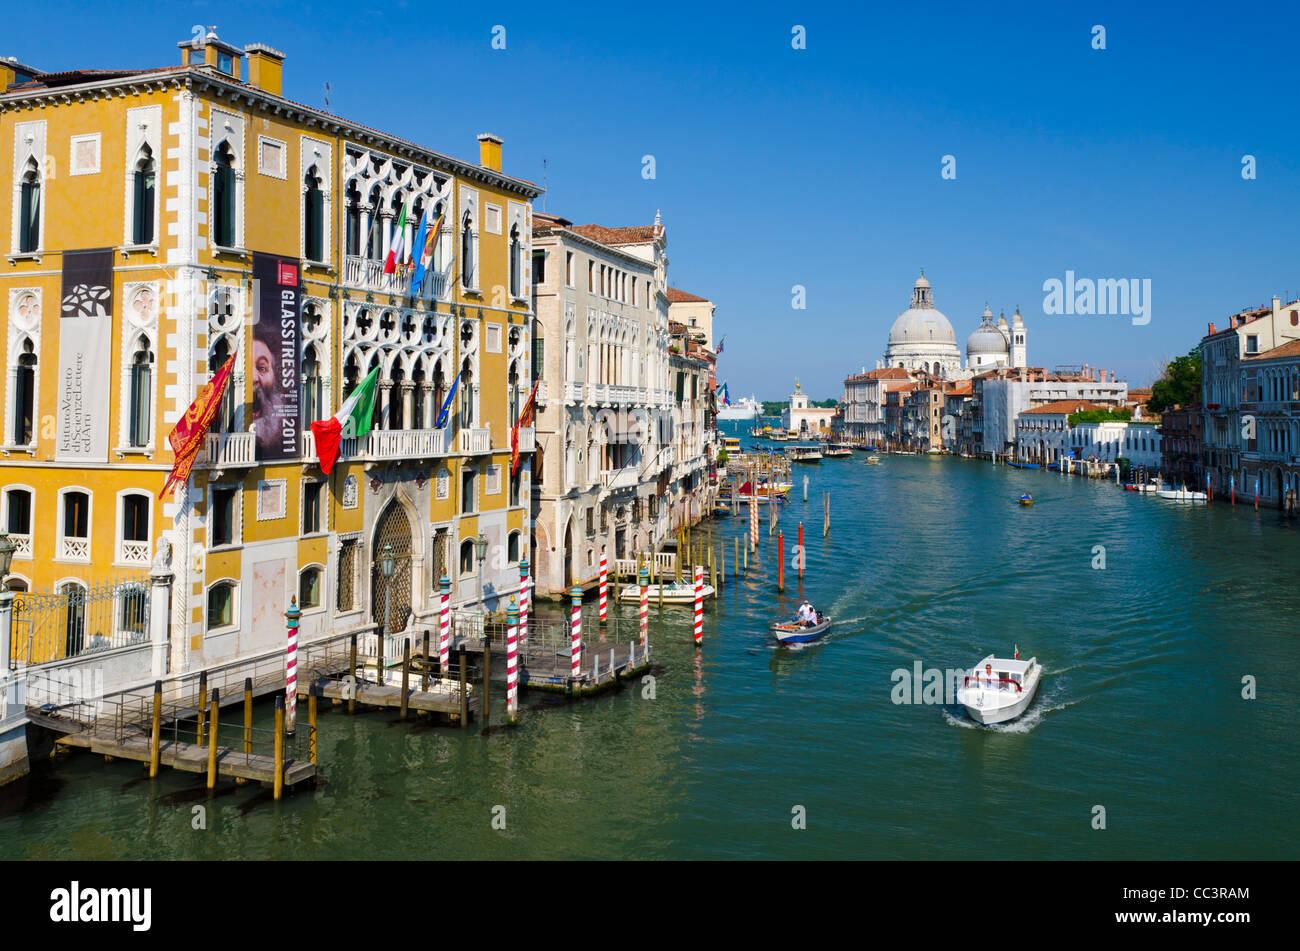 Italy, Veneto, Venice, Grand Canal, Santa Maria della Salute from Accademia Bridge - Stock Image